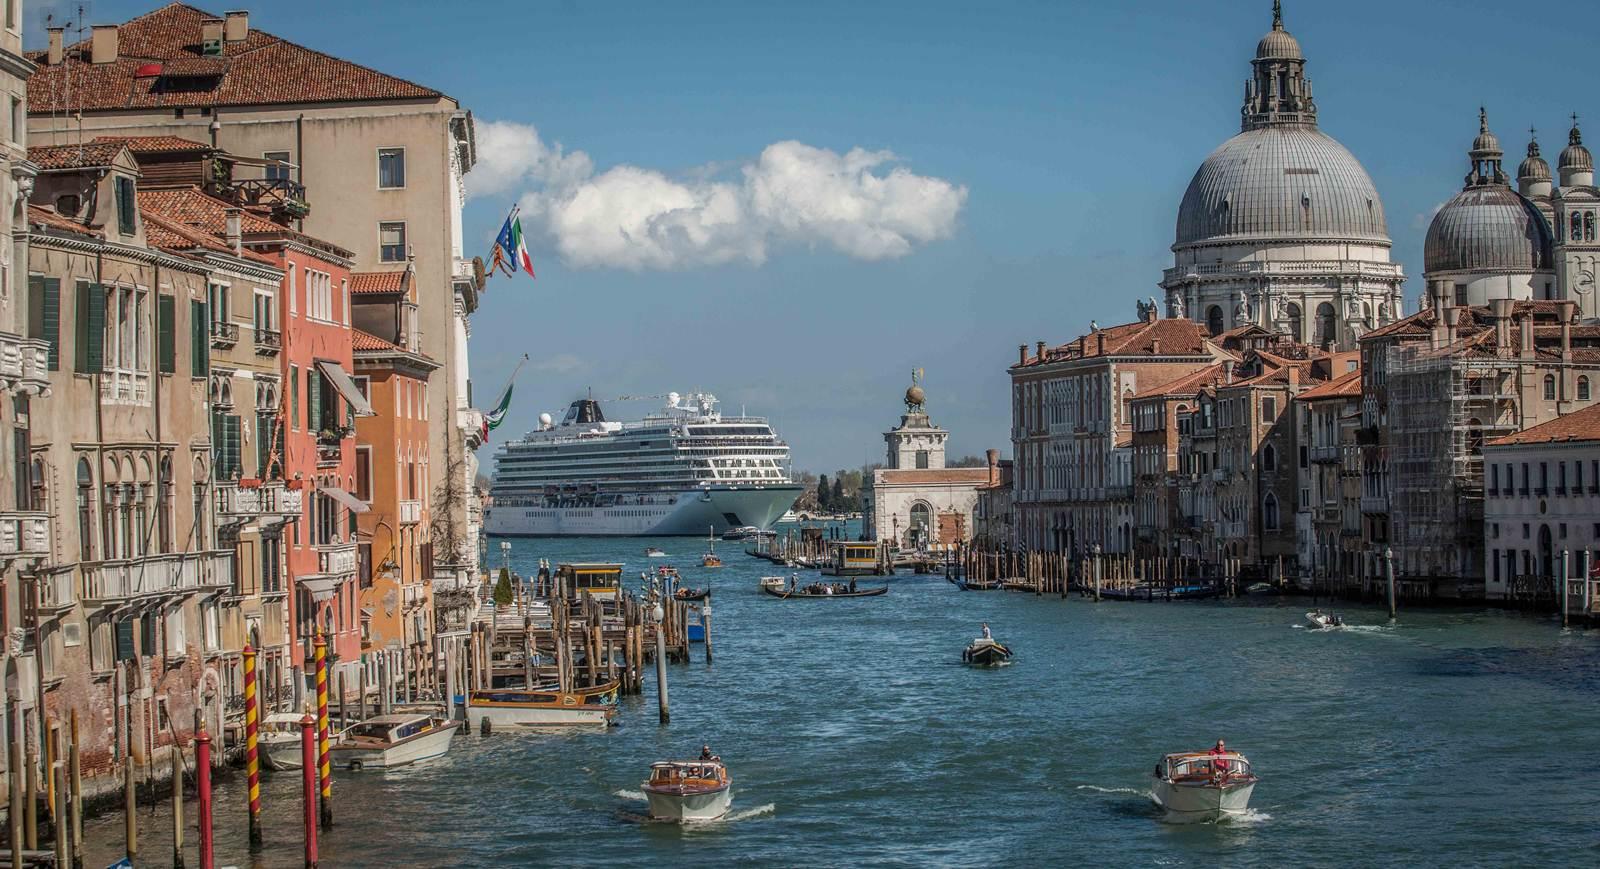 Navio de Cruzeiro Viking Star em Veneza (Itália)